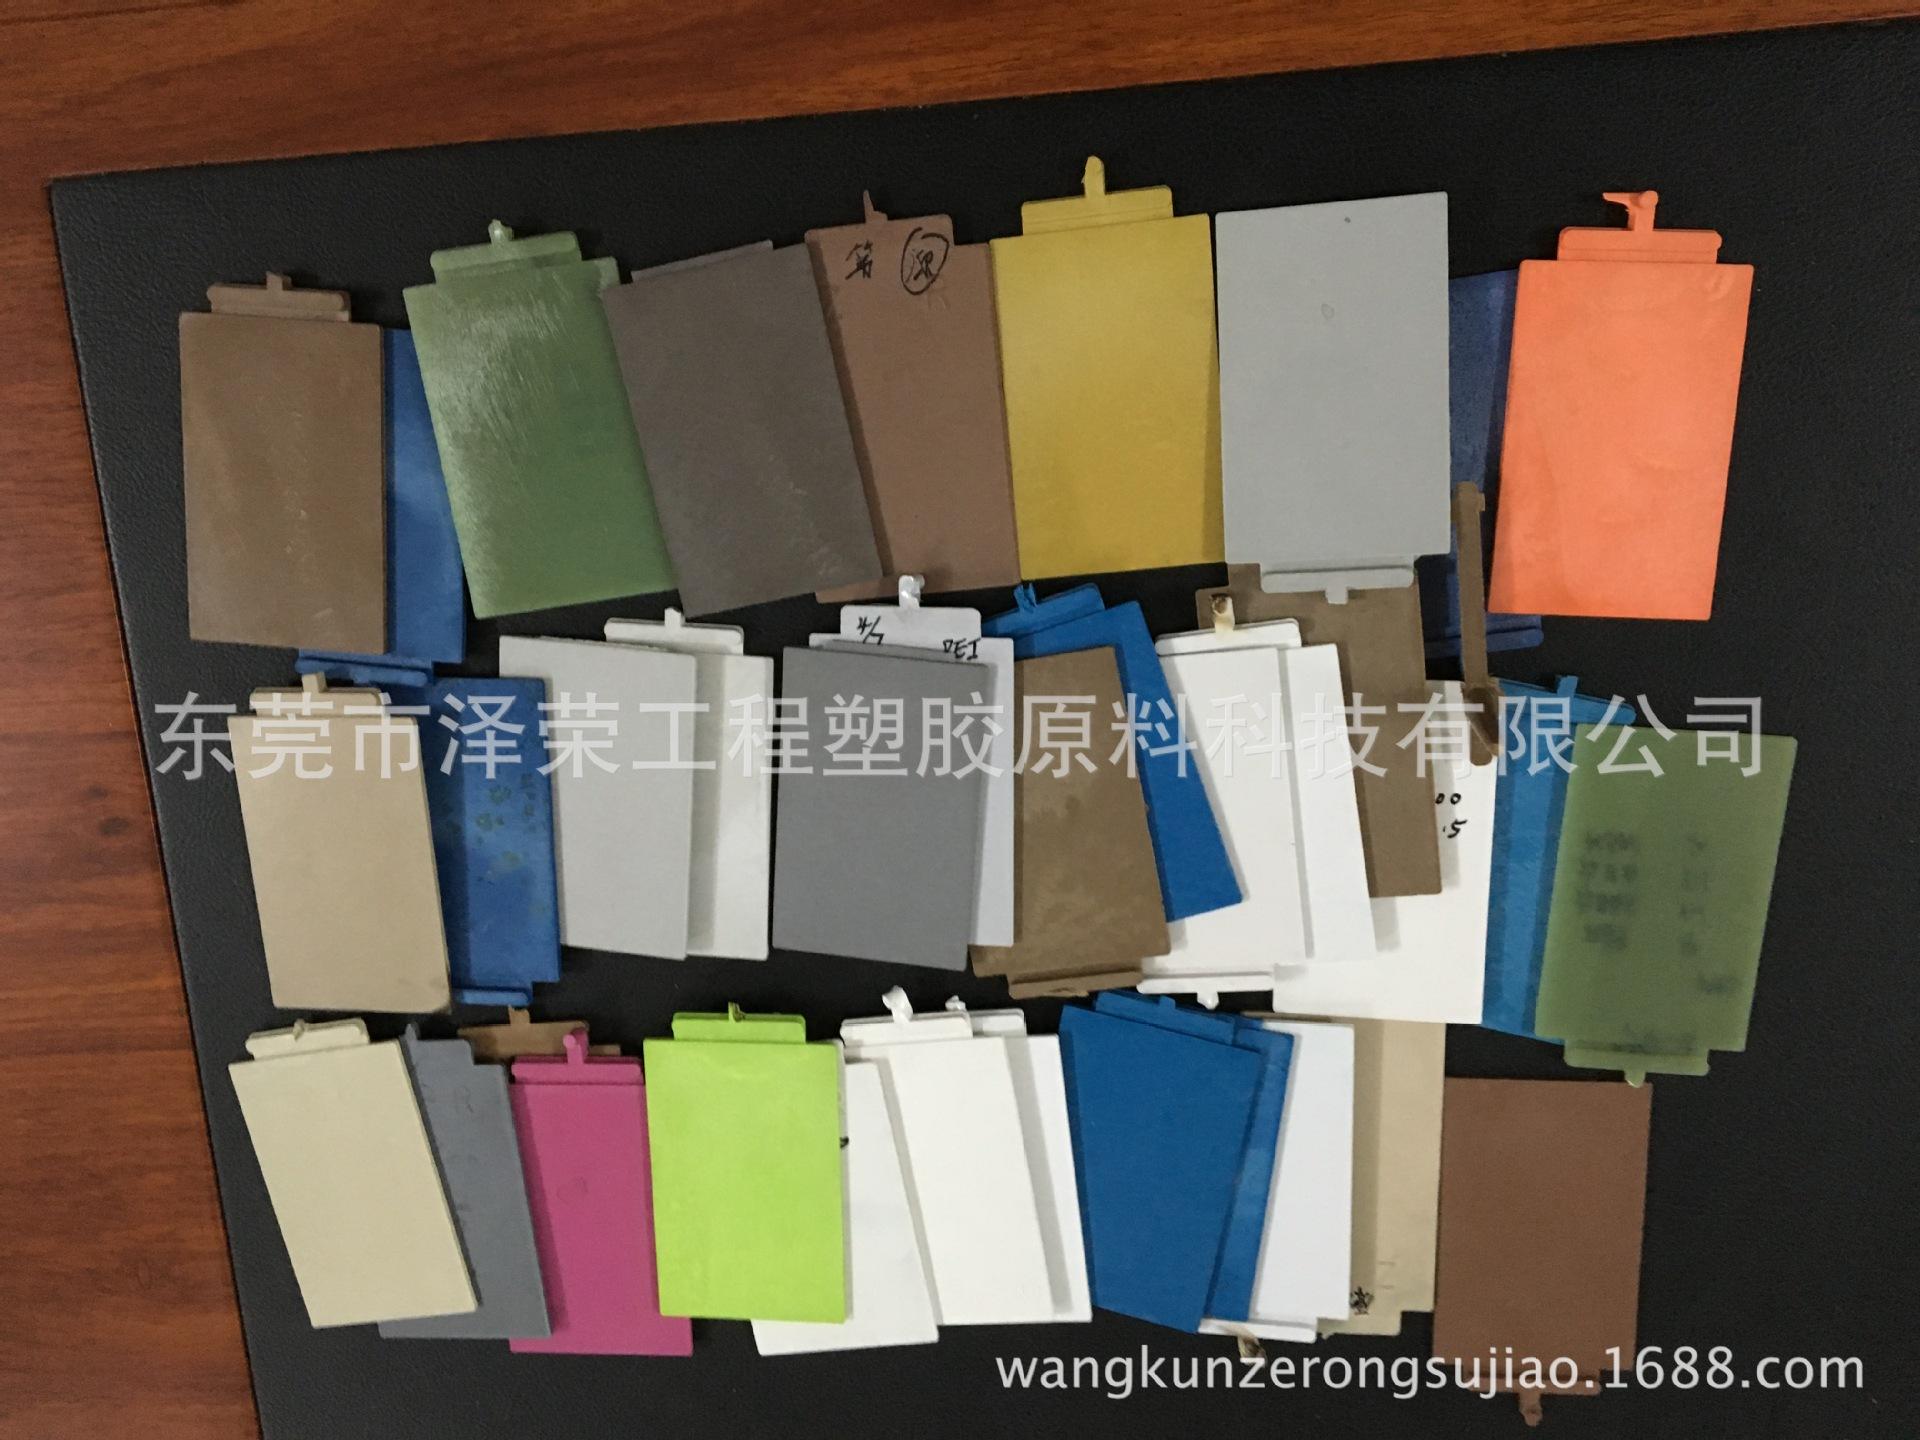 PES塑胶原料 耐高温 防腐蚀 耐水解 高硬度 阻燃级 高强度